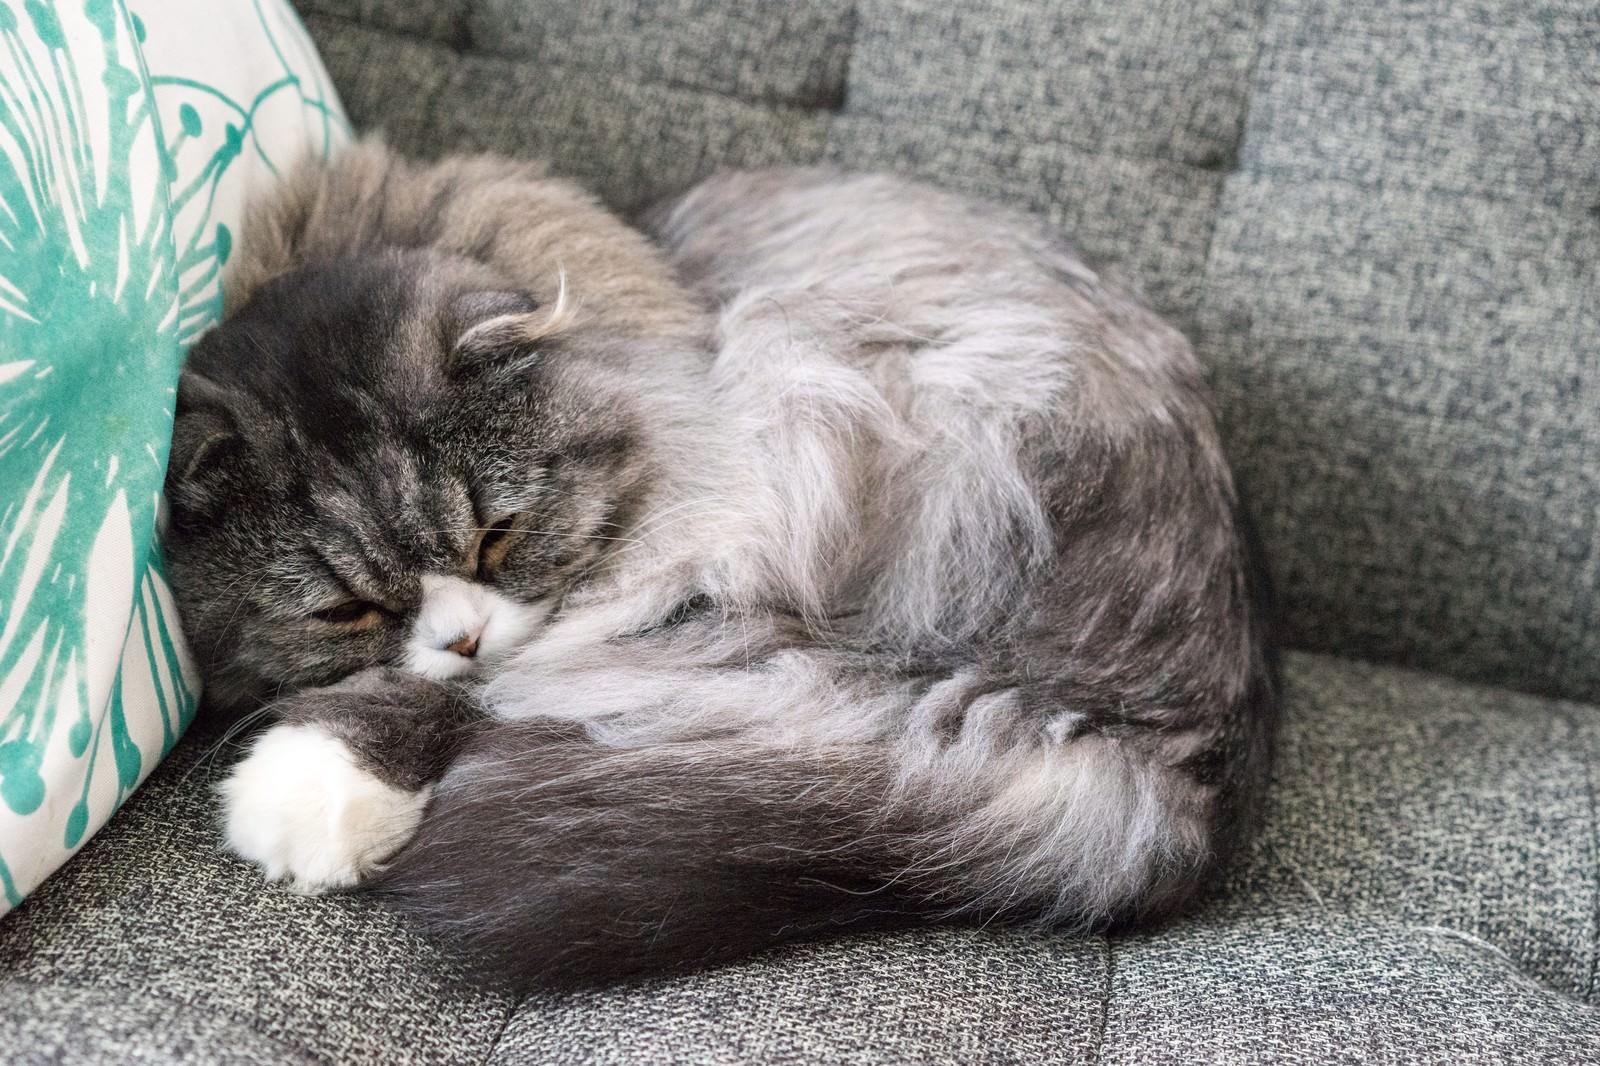 「丸くなって寝てるオス猫(スコティッシュフォールド)丸くなって寝てるオス猫(スコティッシュフォールド)」のフリー写真素材を拡大